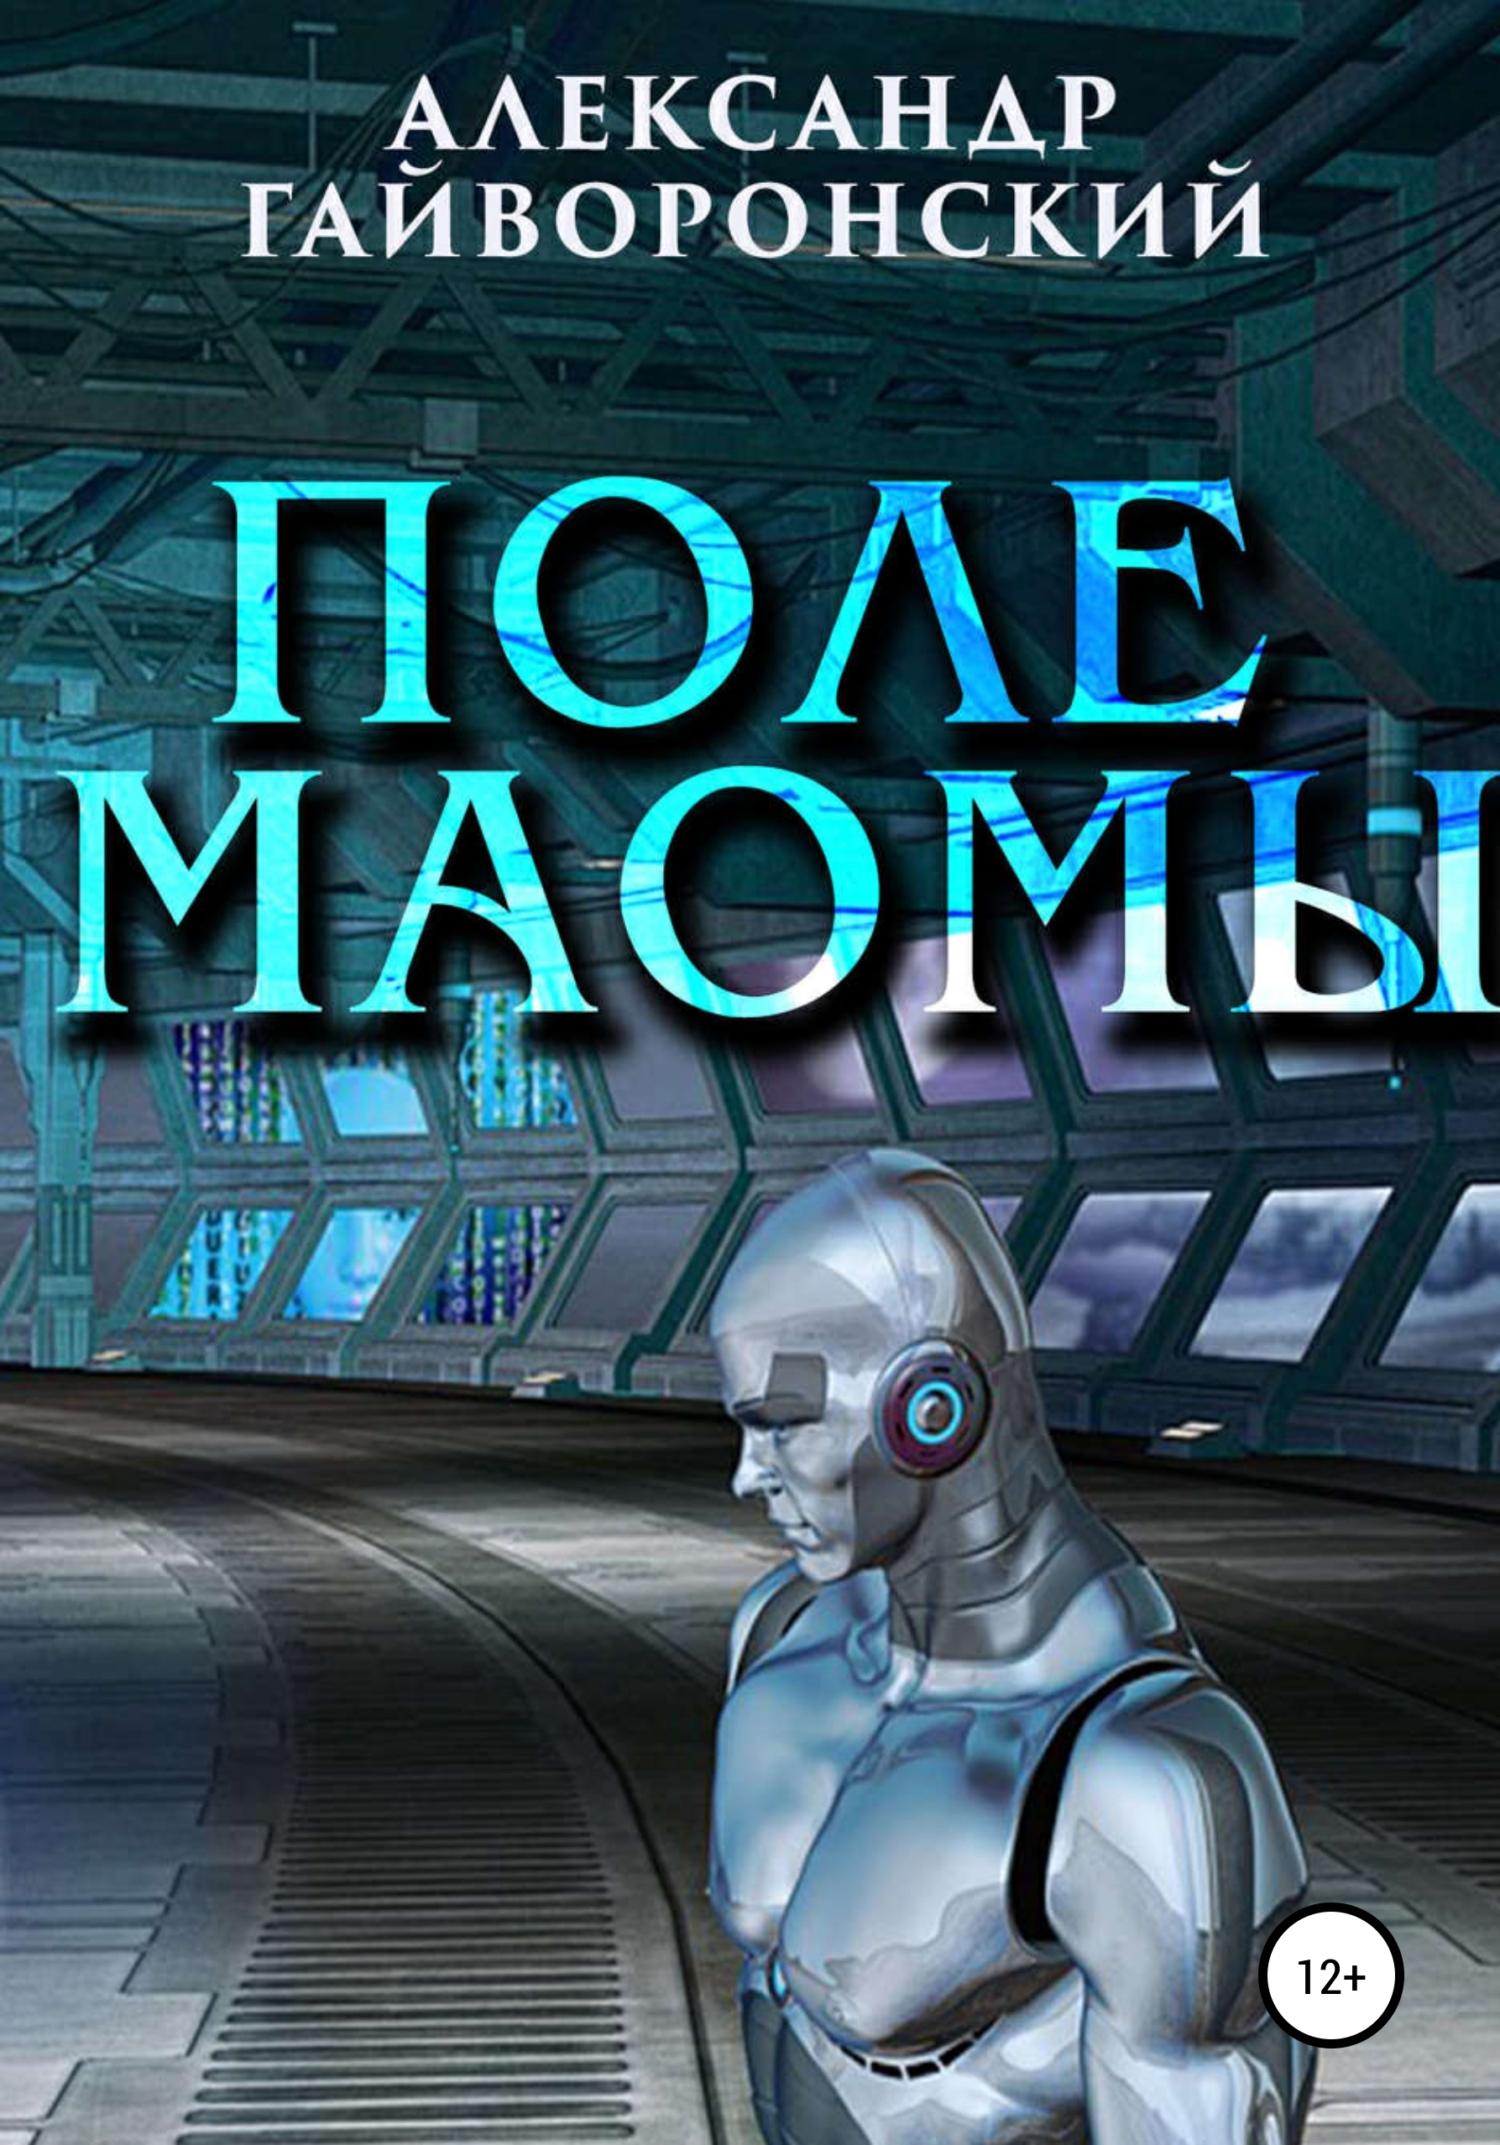 Купить книгу Поле Маомы, автора Александра Борисовича Гайворонского